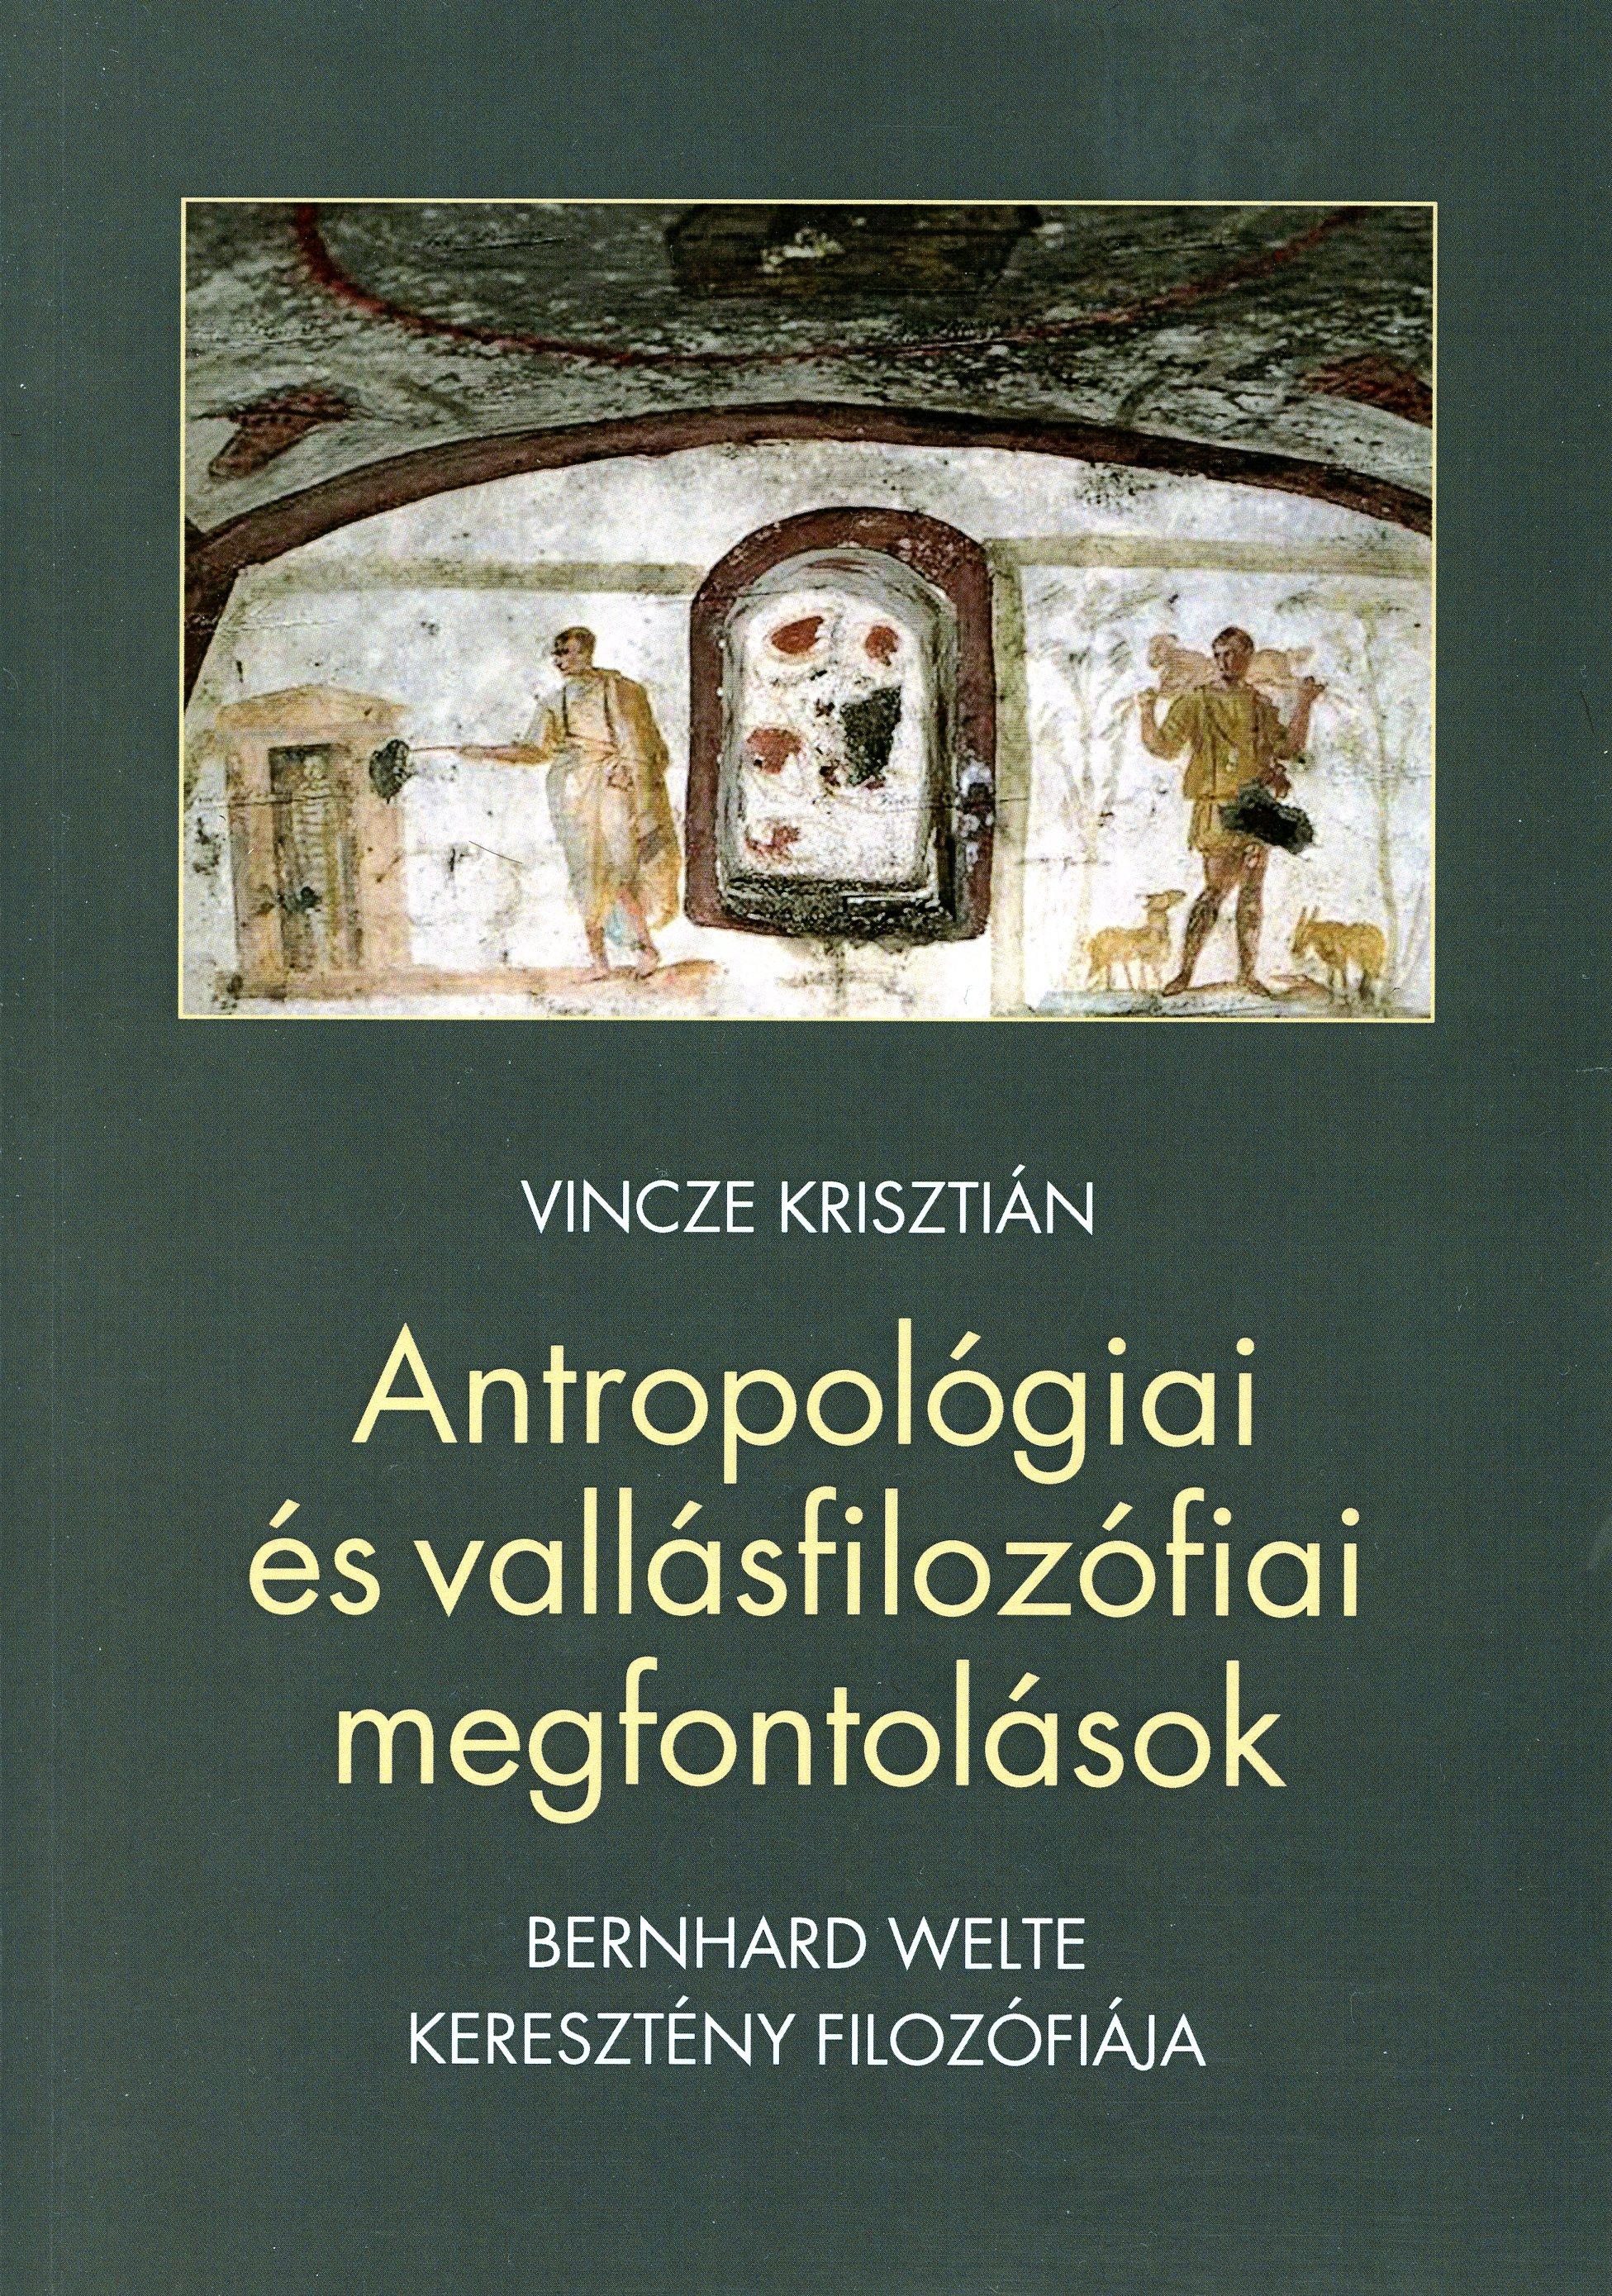 Vincze Krisztián: Antropológiai és vallásfilozófiai megfontolások. Bernhard Welte keresztény filozófiája, Szent István Társulat, Budapest, 2020.